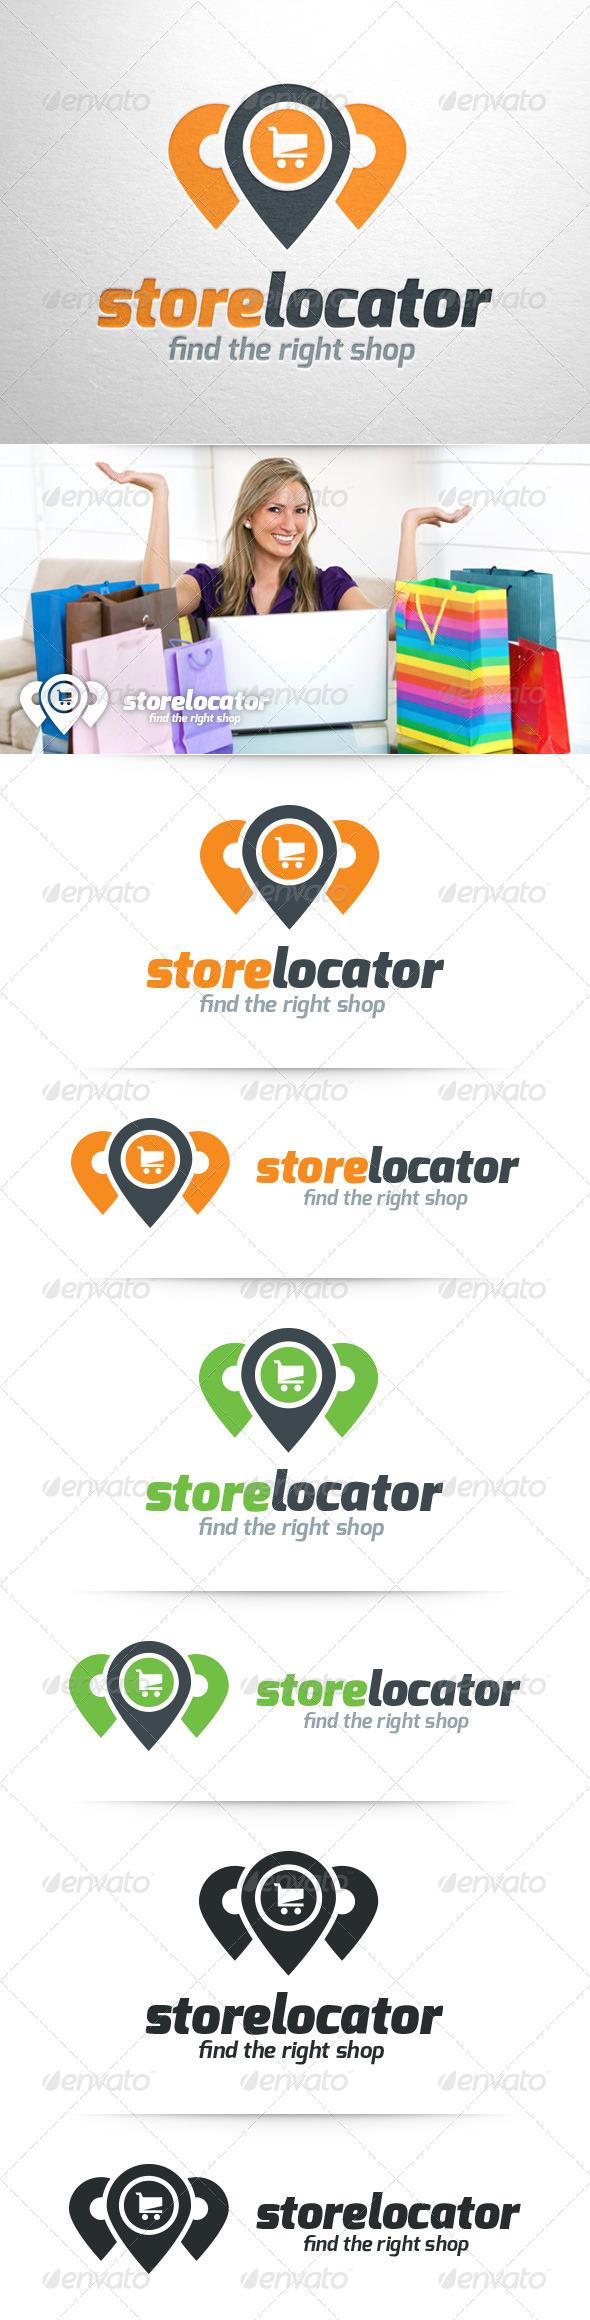 GraphicRiver Store Locator Logo Template 8401245